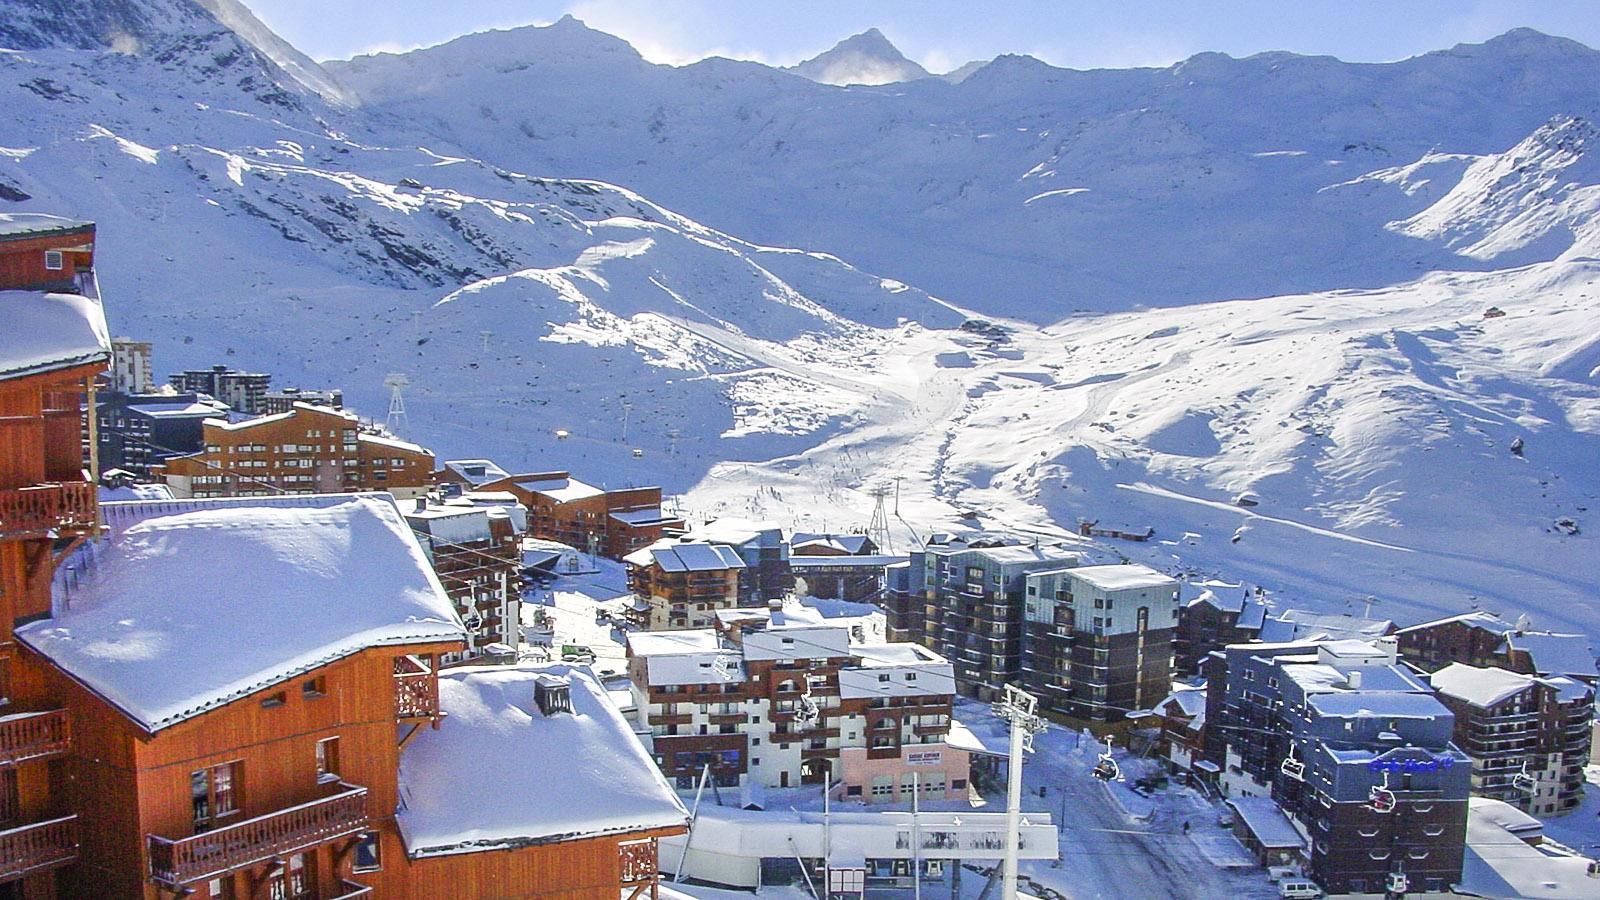 Val Thorens: Blick vom Ortsteil Balcons auf das Zentrum der höchstgelegenen Skistation Europas (2.300 m). Foto: Hilke Maunder